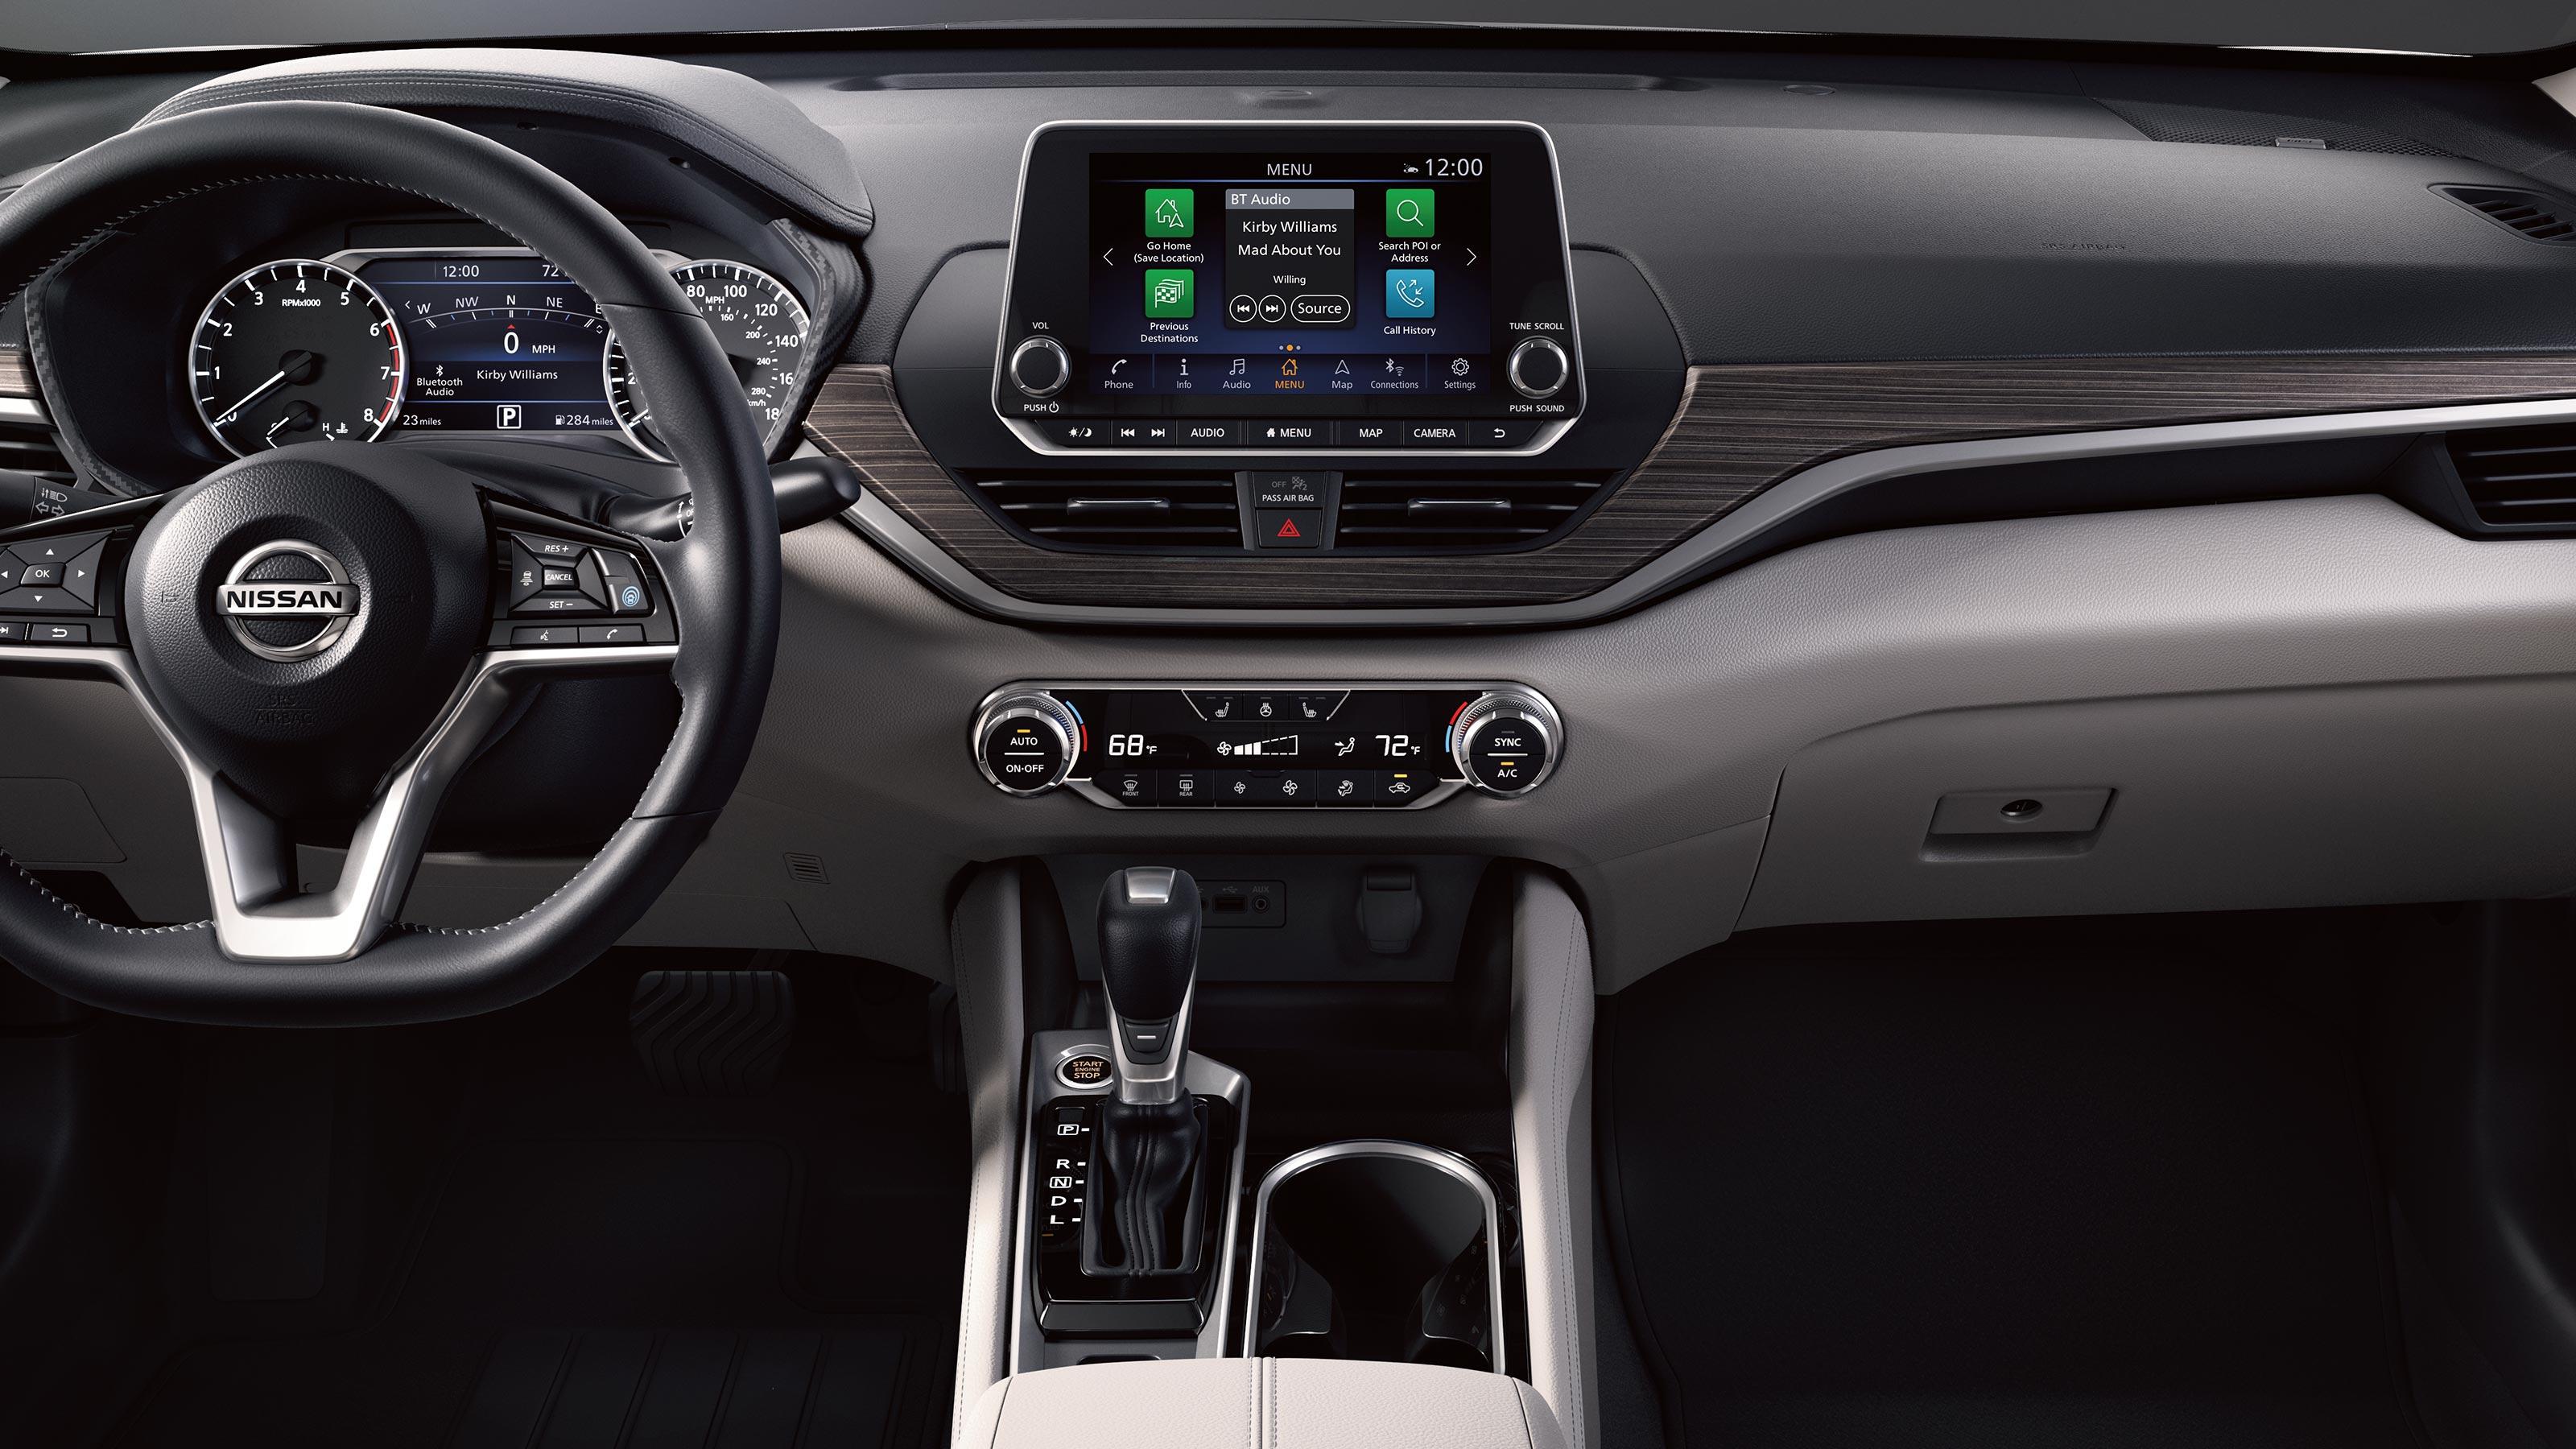 2020 Nissan Altima Interior Design